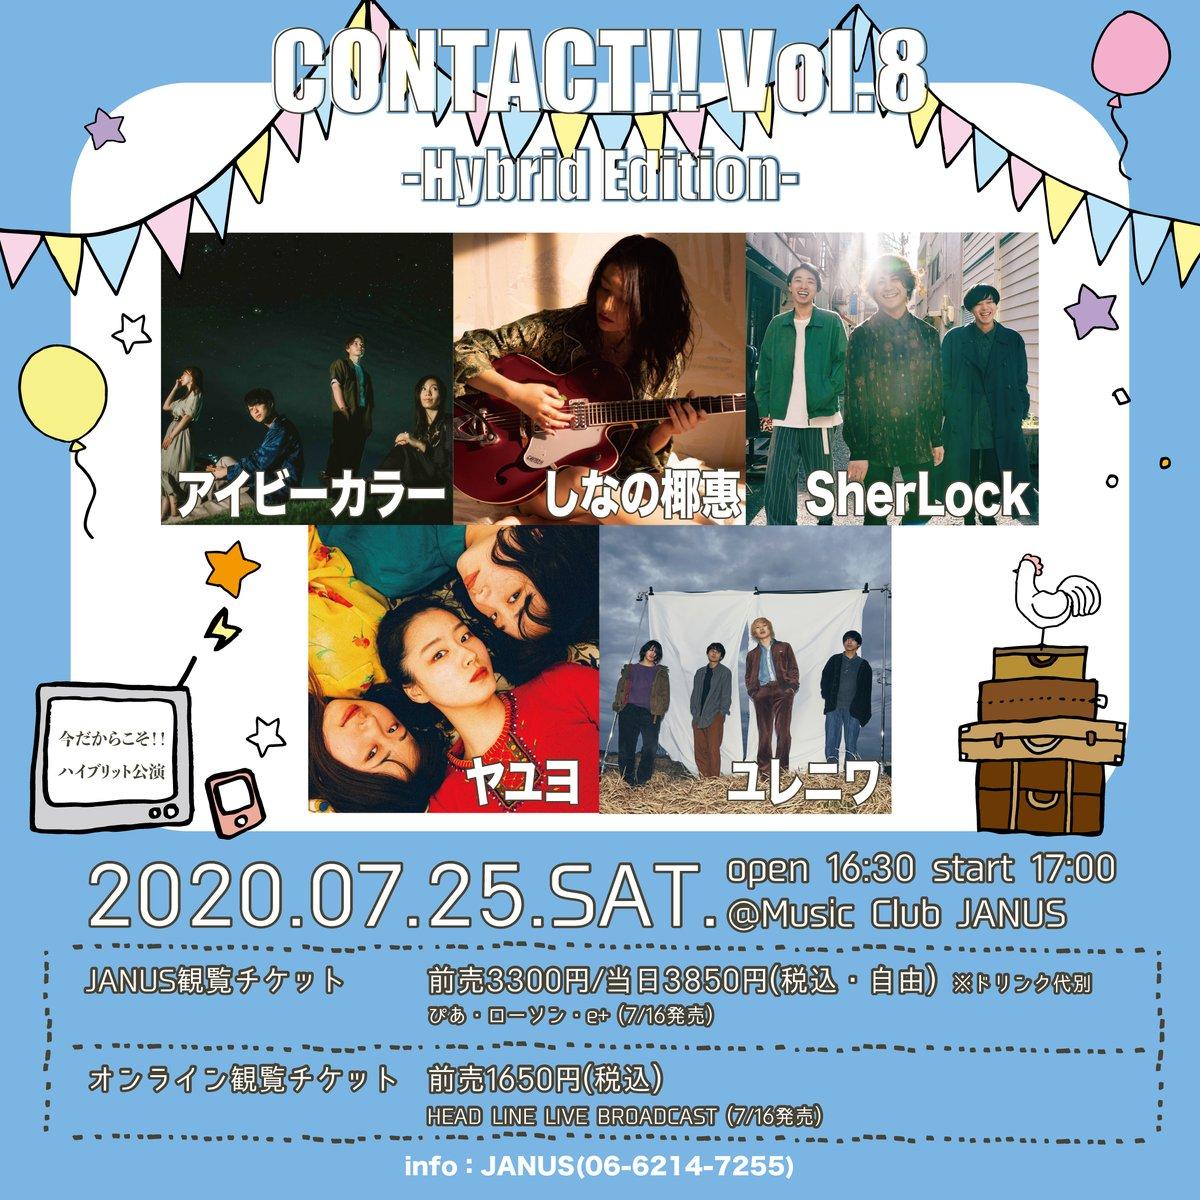 【JANUSの告知】  大阪のライブハウスとFM802スタッフが関西の音楽業界スタッフやリスナーにプレゼンテーションする企画 「CONTACT!!」  今できる形で、今見て欲しい 計9組🔥 JANUSにて2days開催決定!  ガイドラインを遵守したリアルチケット(枚数限定)とオンラインチケットのハイブリッド公演です! https://t.co/8yBvFIQWVU